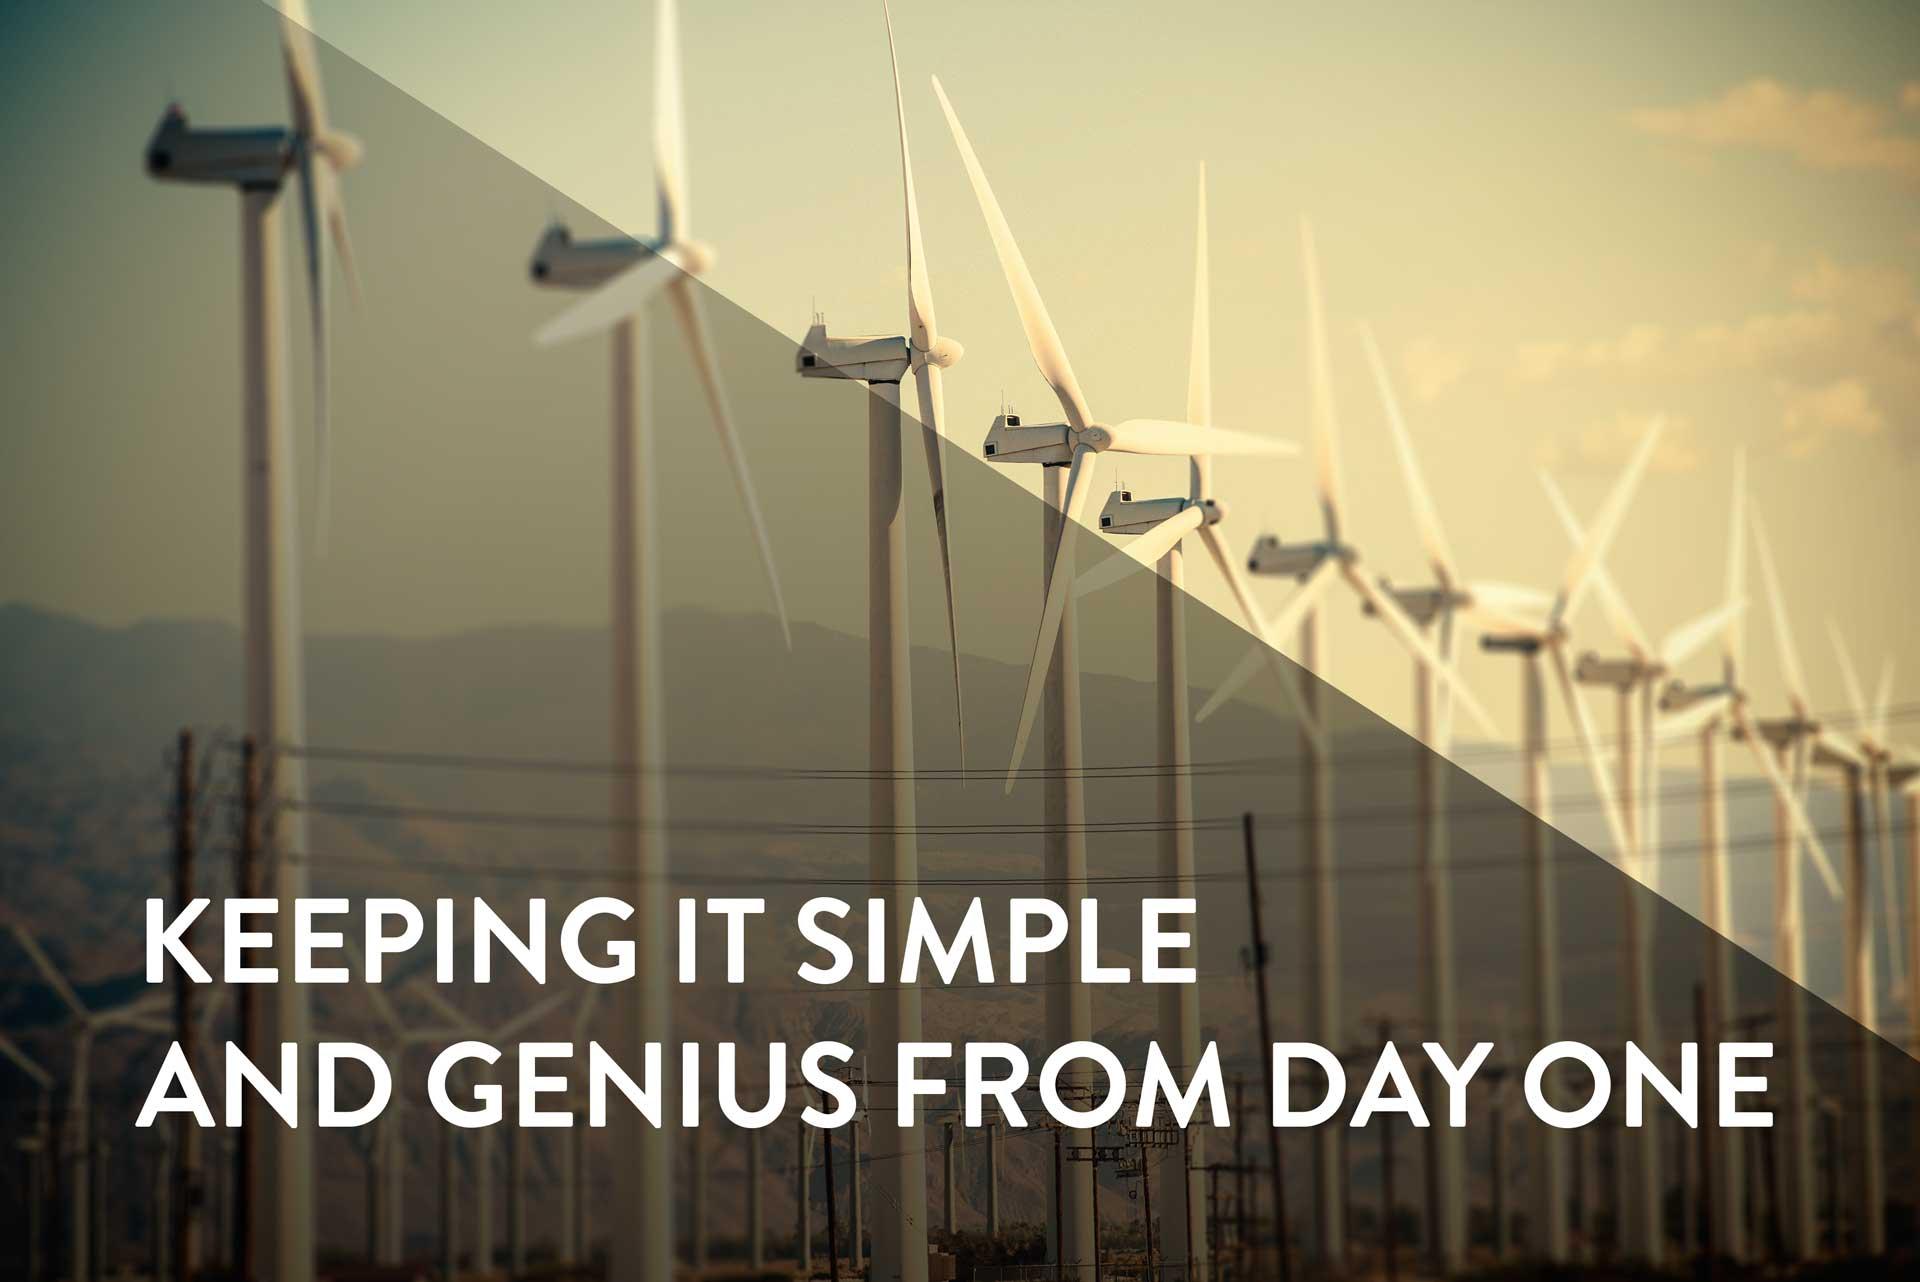 Ingenu keeping it simple and genius